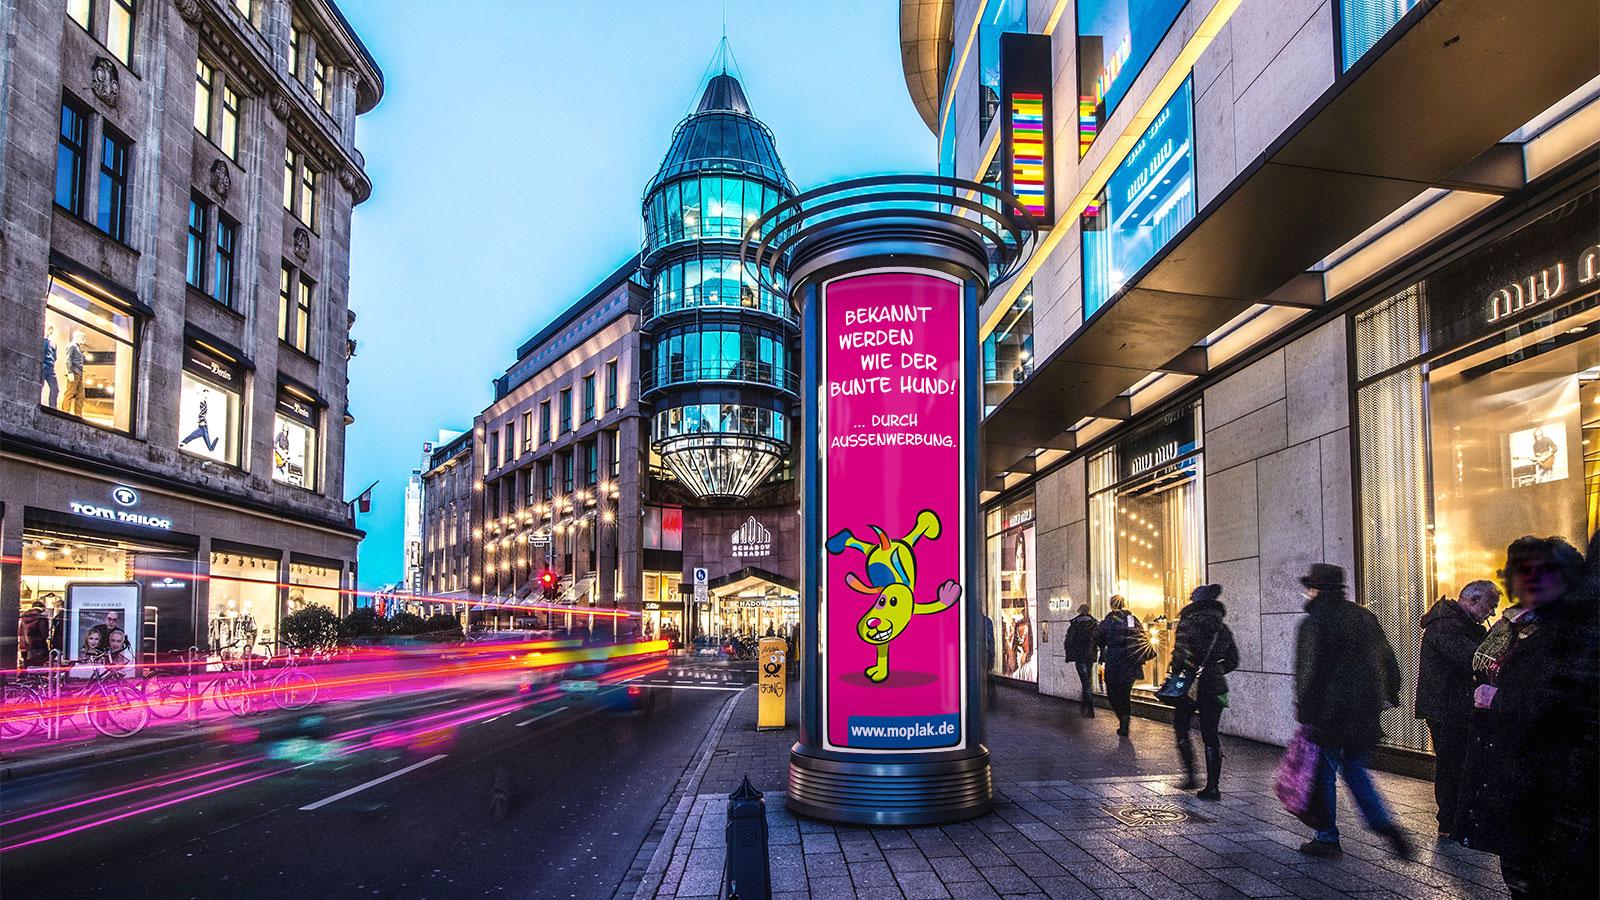 Pforzheim-Aussenwerbung-Litfasssaeule-Werbung